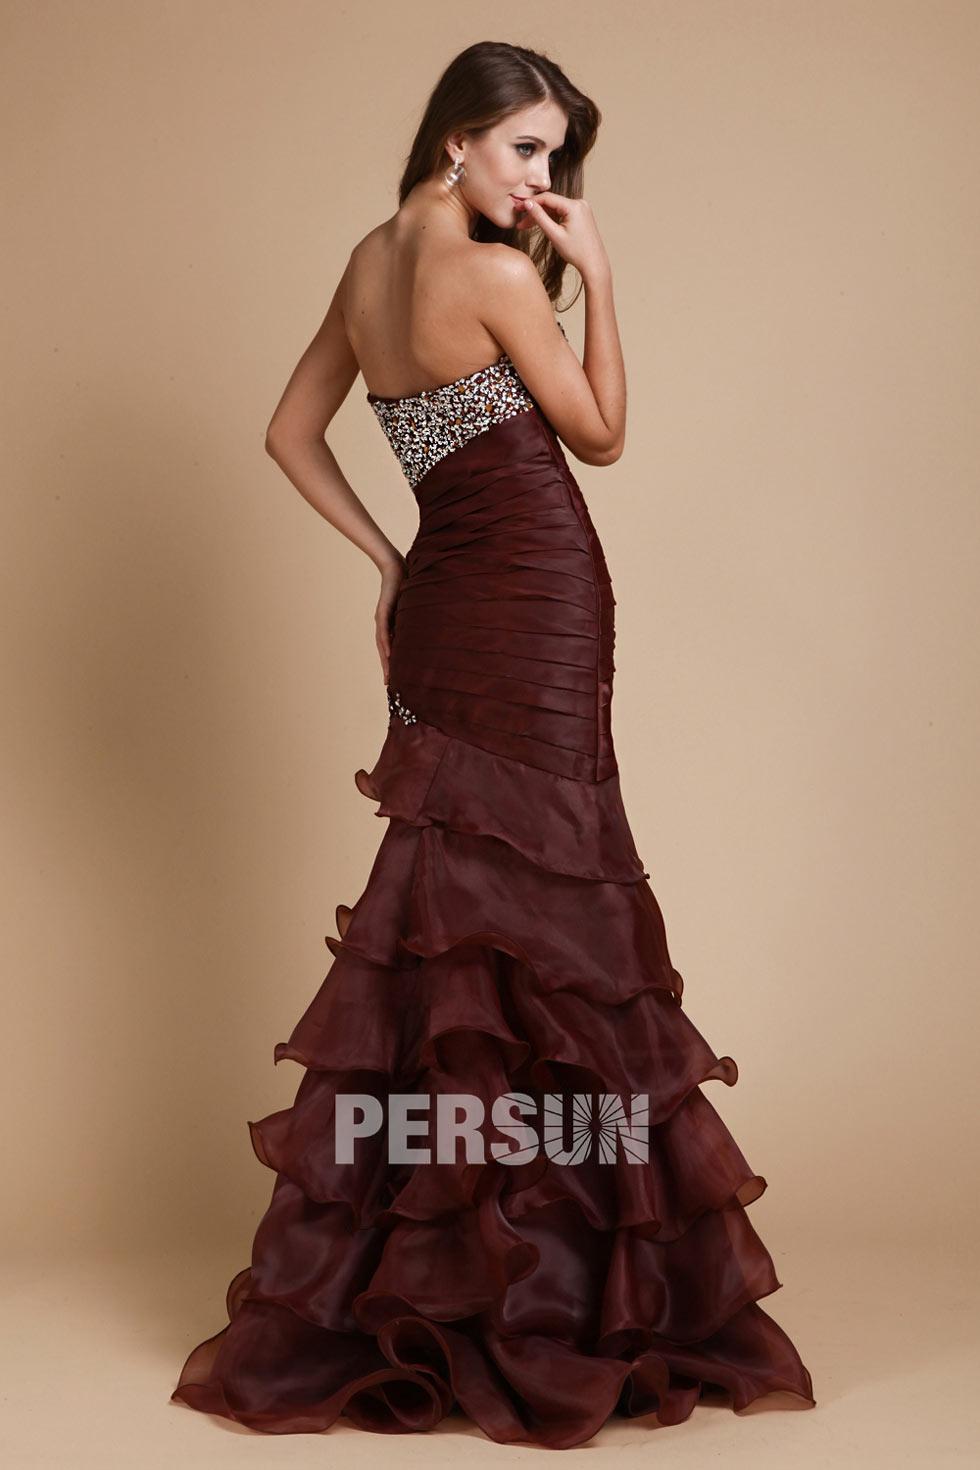 achat de robe sirène pas cher brune pour votre soirée